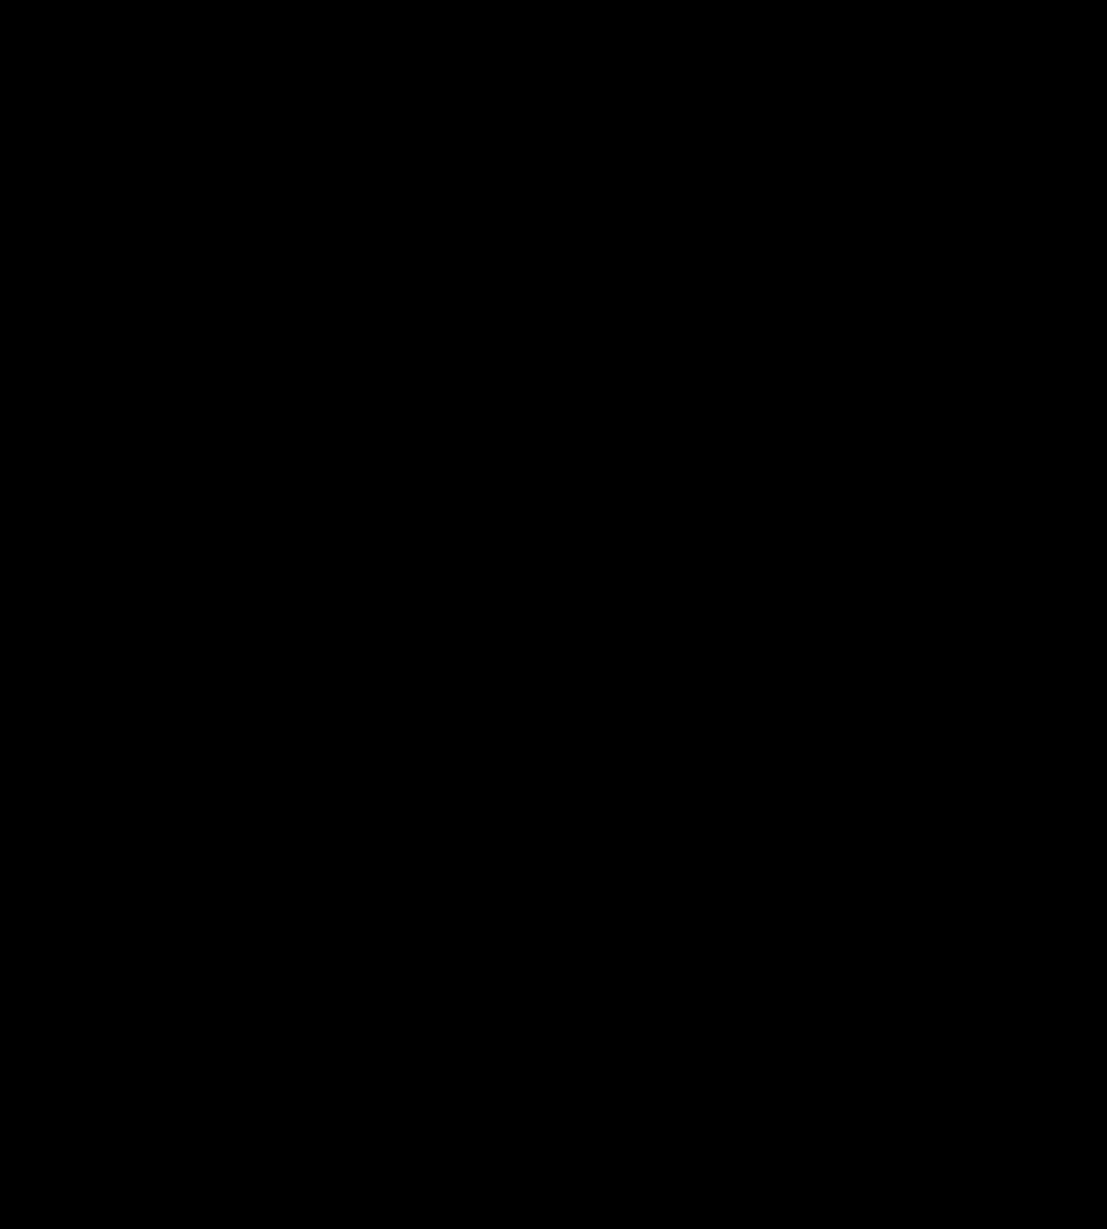 imgonline-com-ua-twotoone-dhh4ycuyg6x